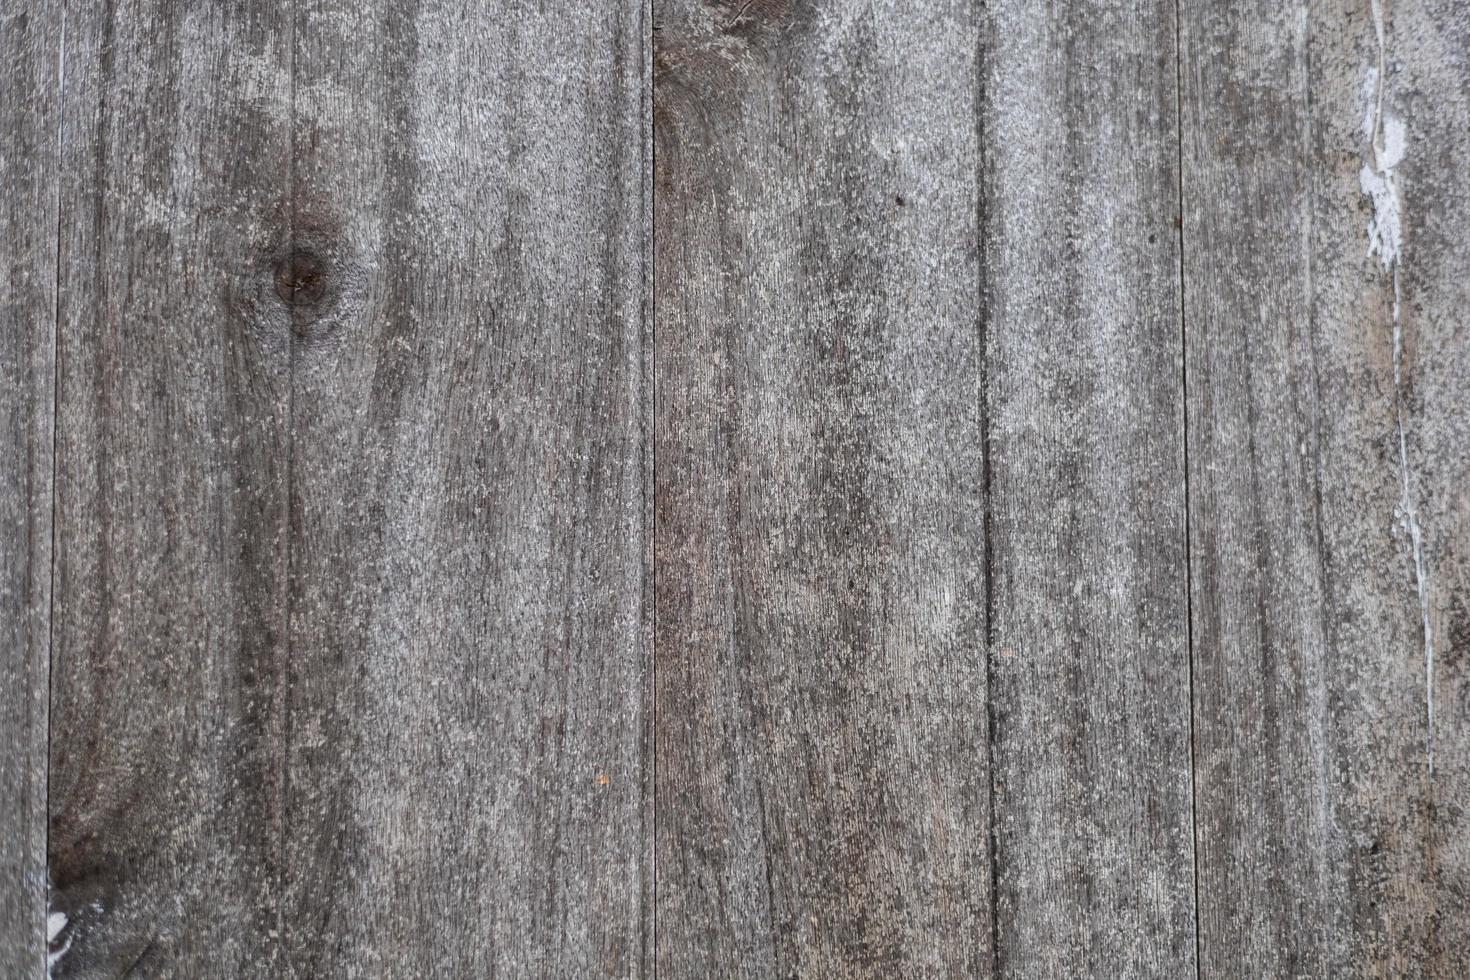 träytor arrangerade i ett ark för bakgrunden foto